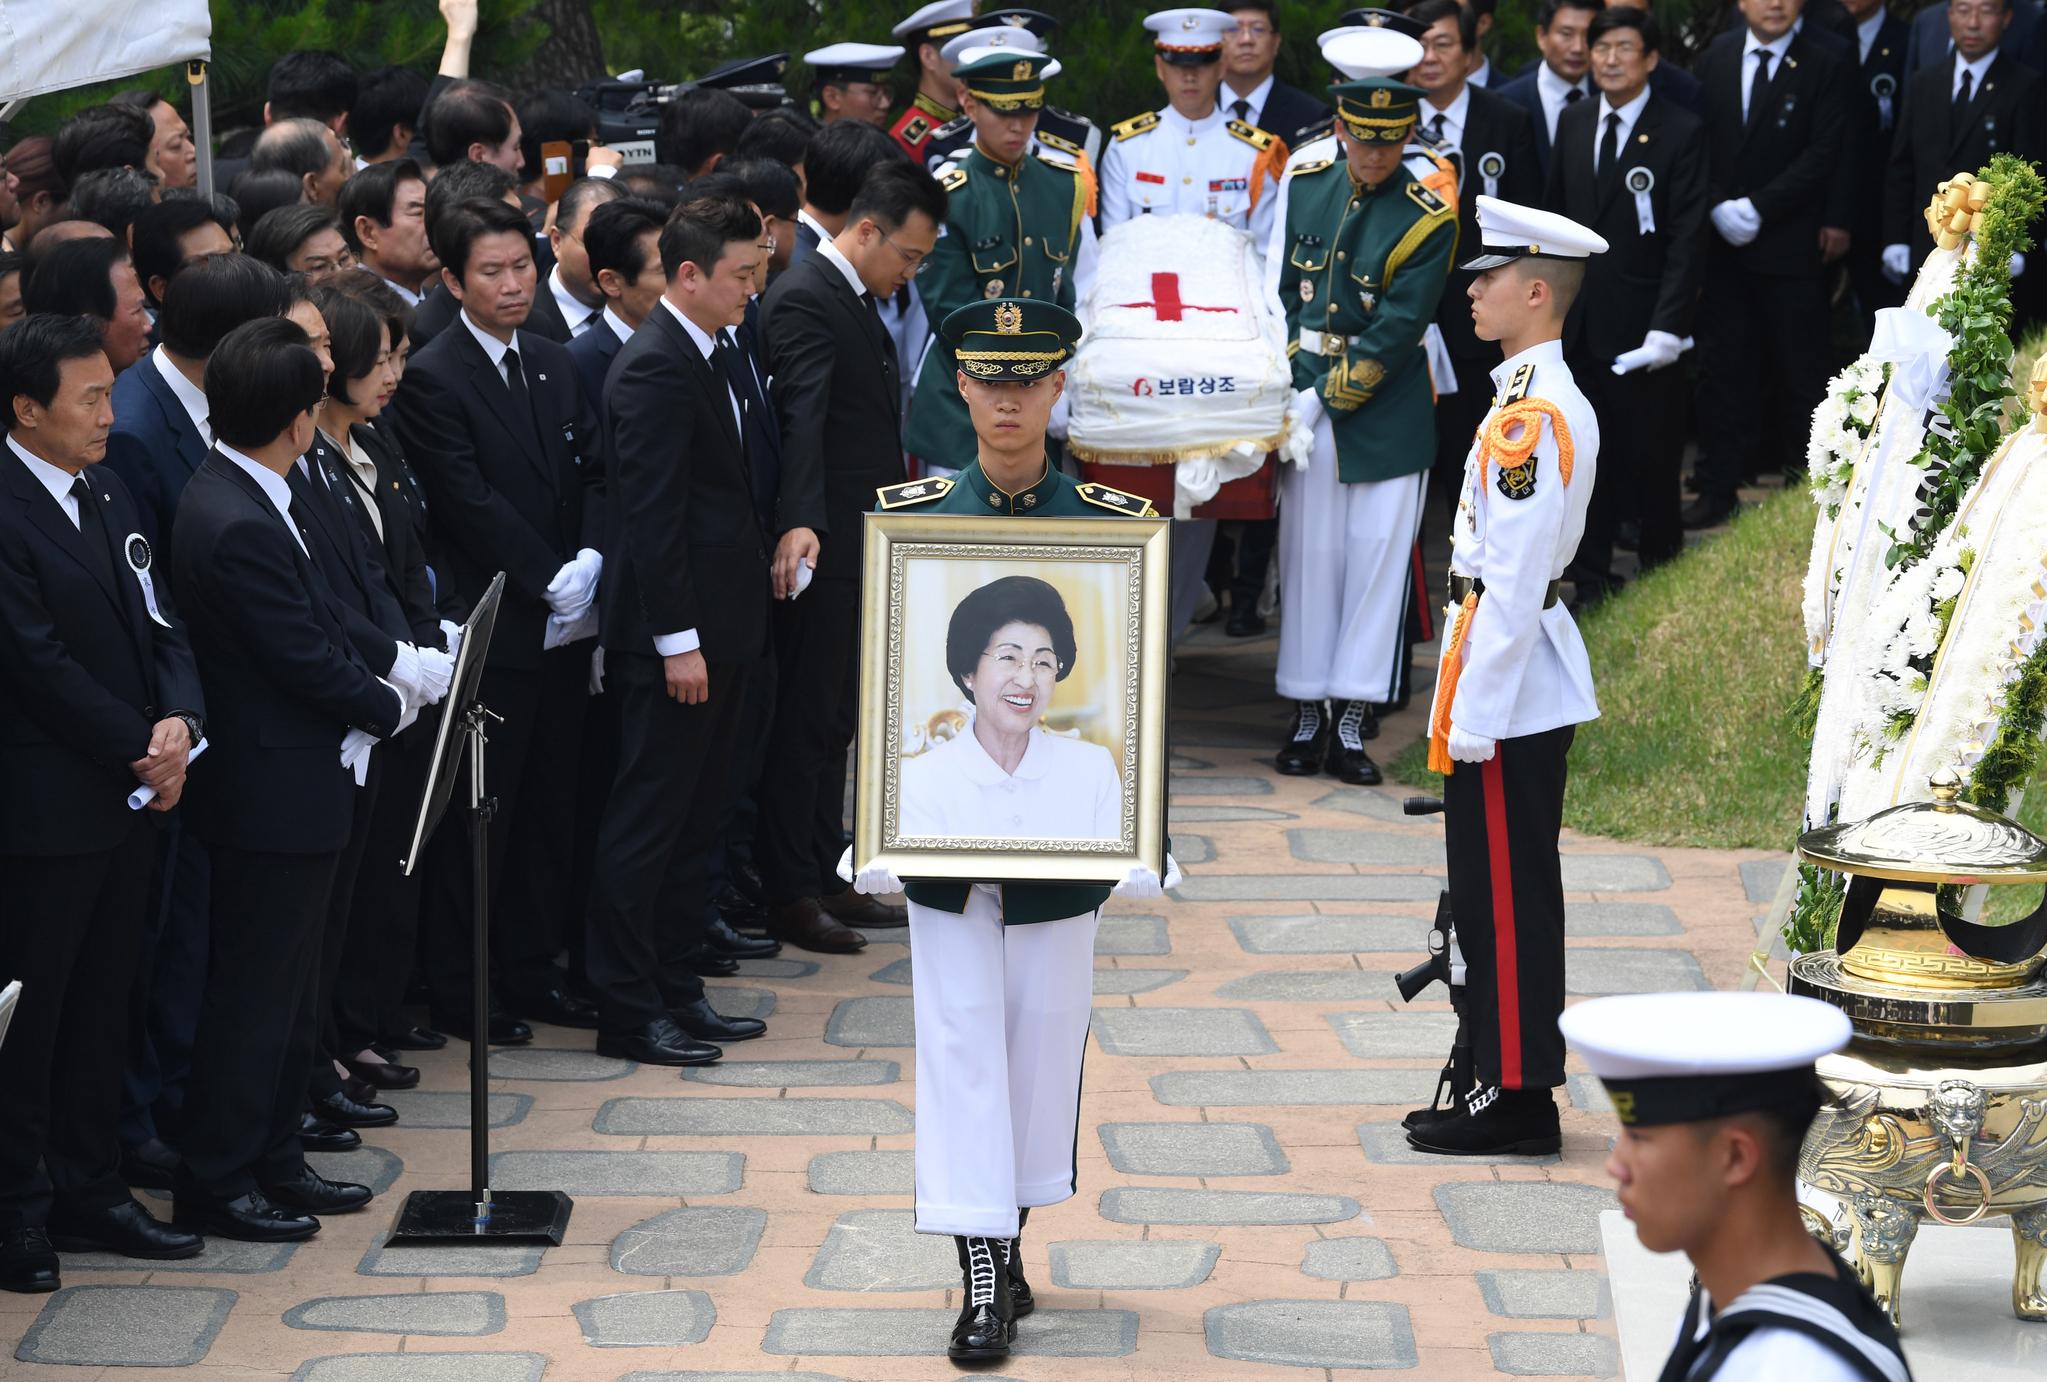 14일 서울 동작구 현충원 김대중 전 대통령의 묘역서 열린 고 이희호 여사의 안장식에서 국군 의장대가 상여를 운구하고 있다. 우상조 기자